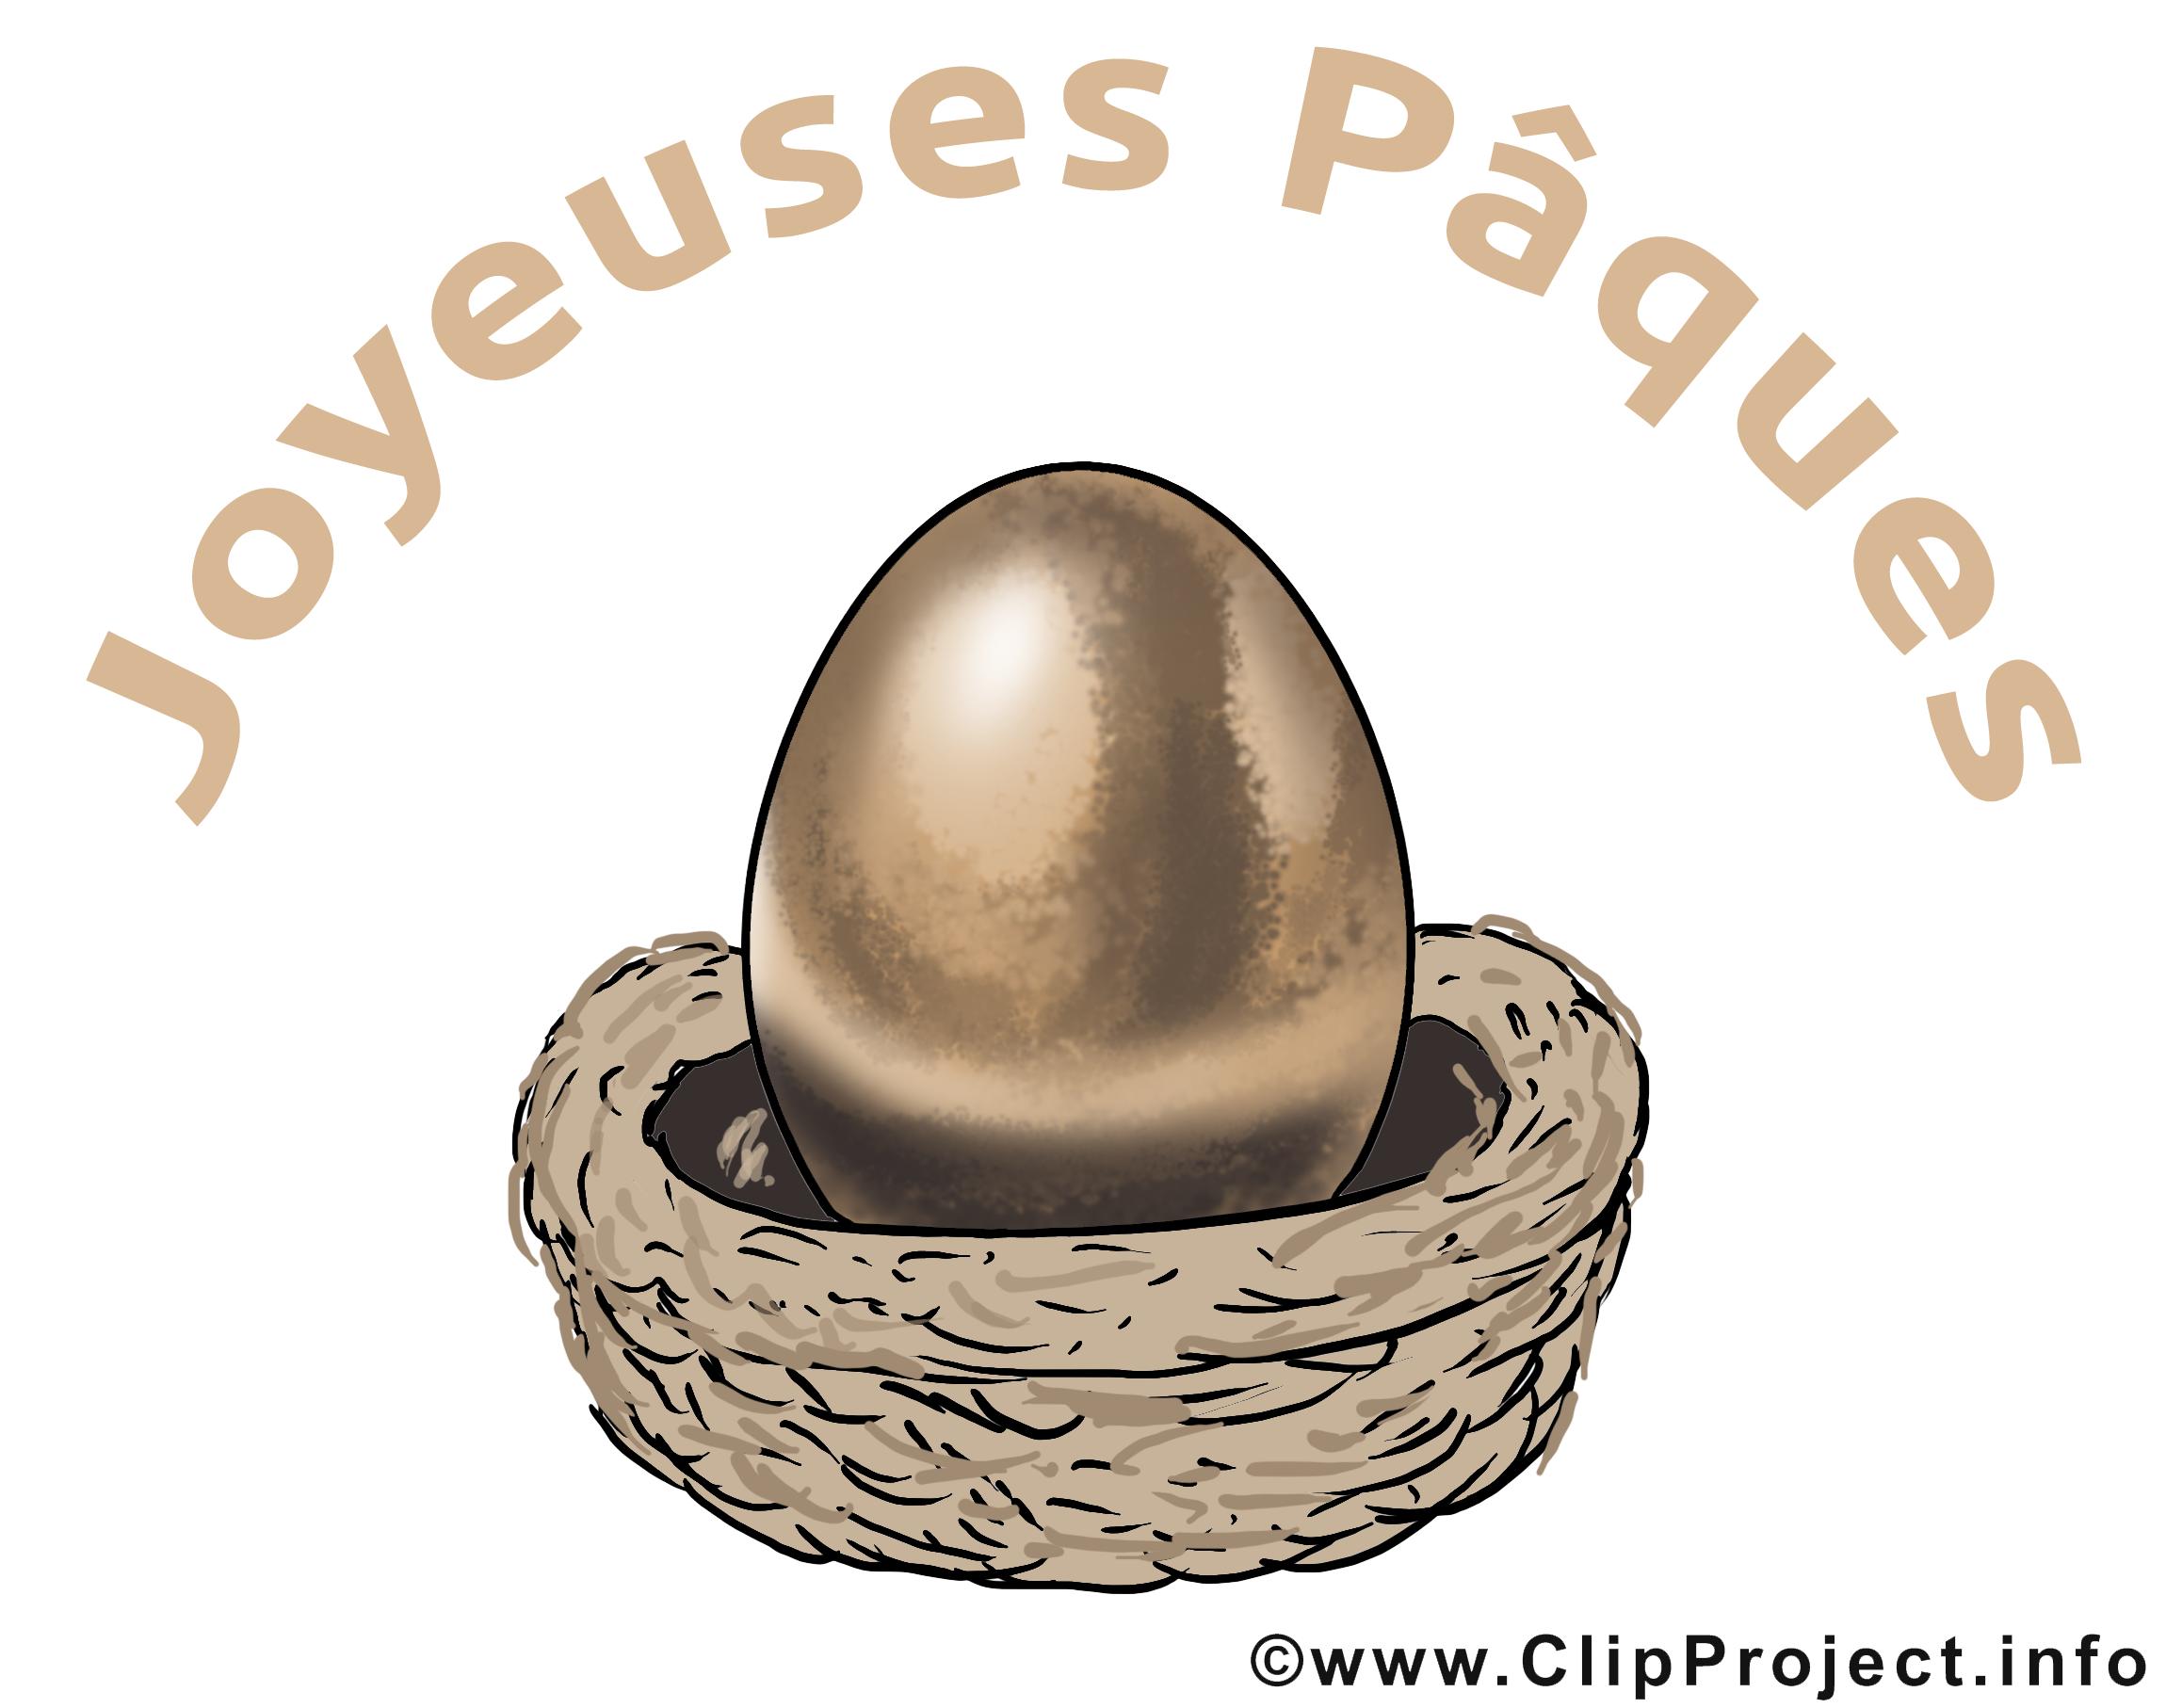 Cliparts gratuis - Pâques images